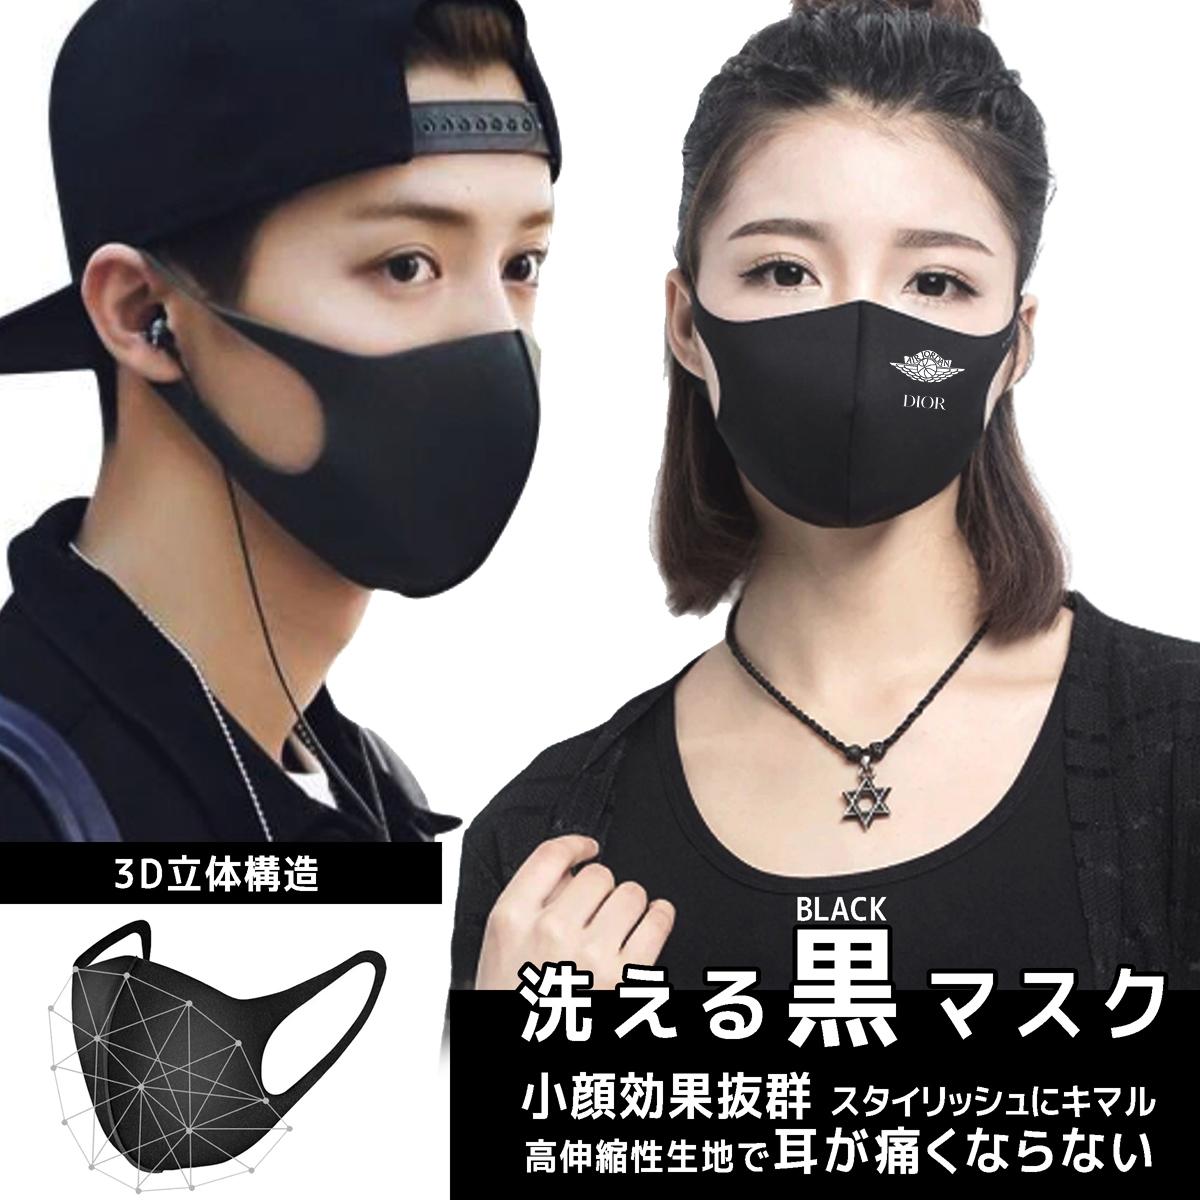 DIORディオールマスク洗えるコットン3D立体マスク